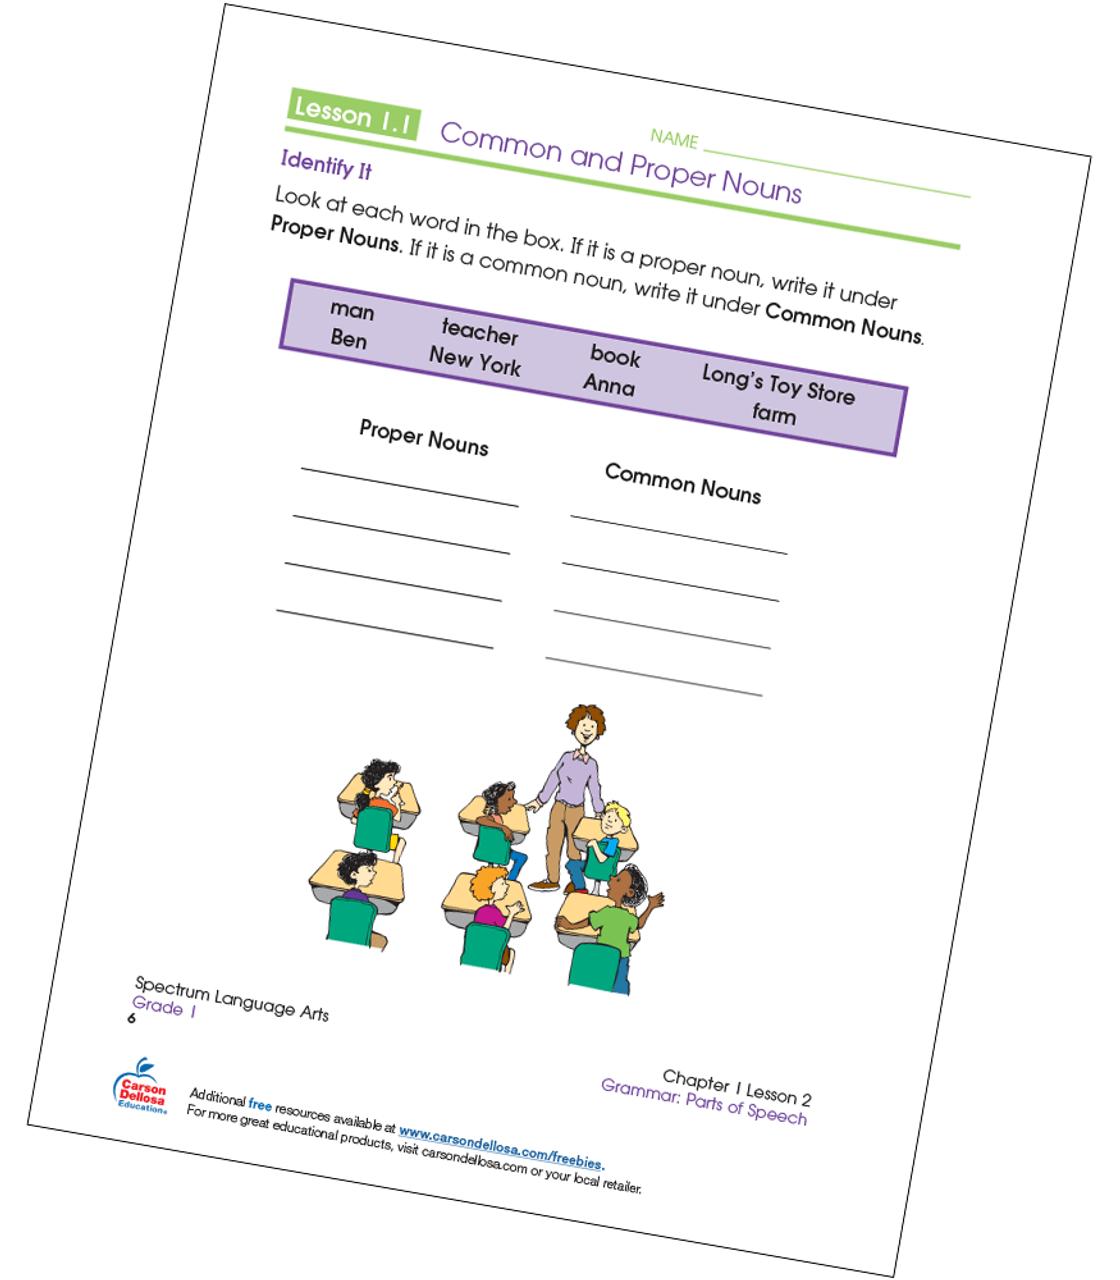 medium resolution of Identifying Common and Proper Nouns Grade 1 Free Printable   Carson Dellosa